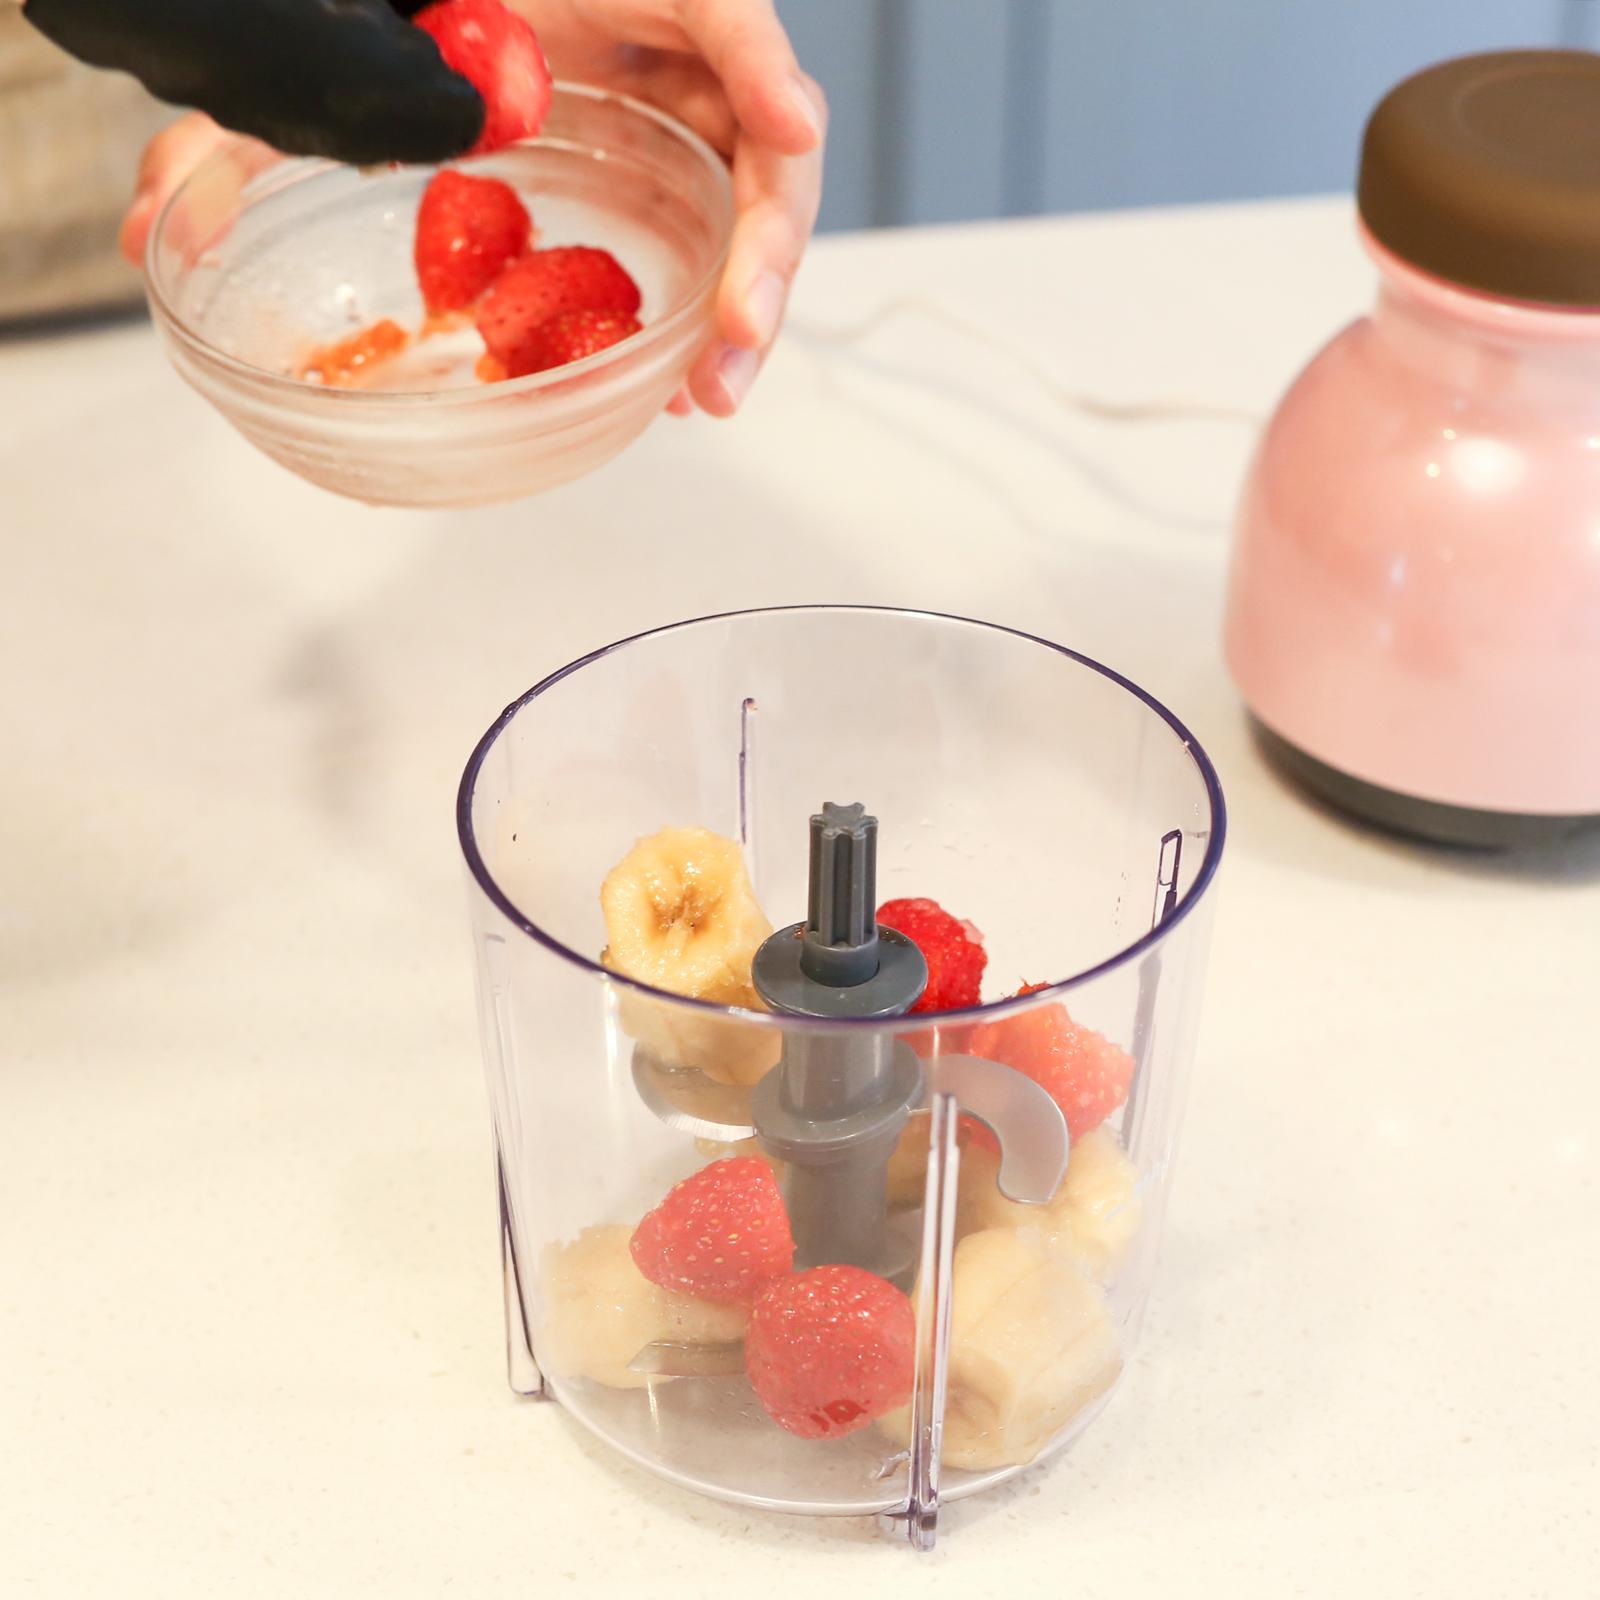 凍らせたフルーツをセットして